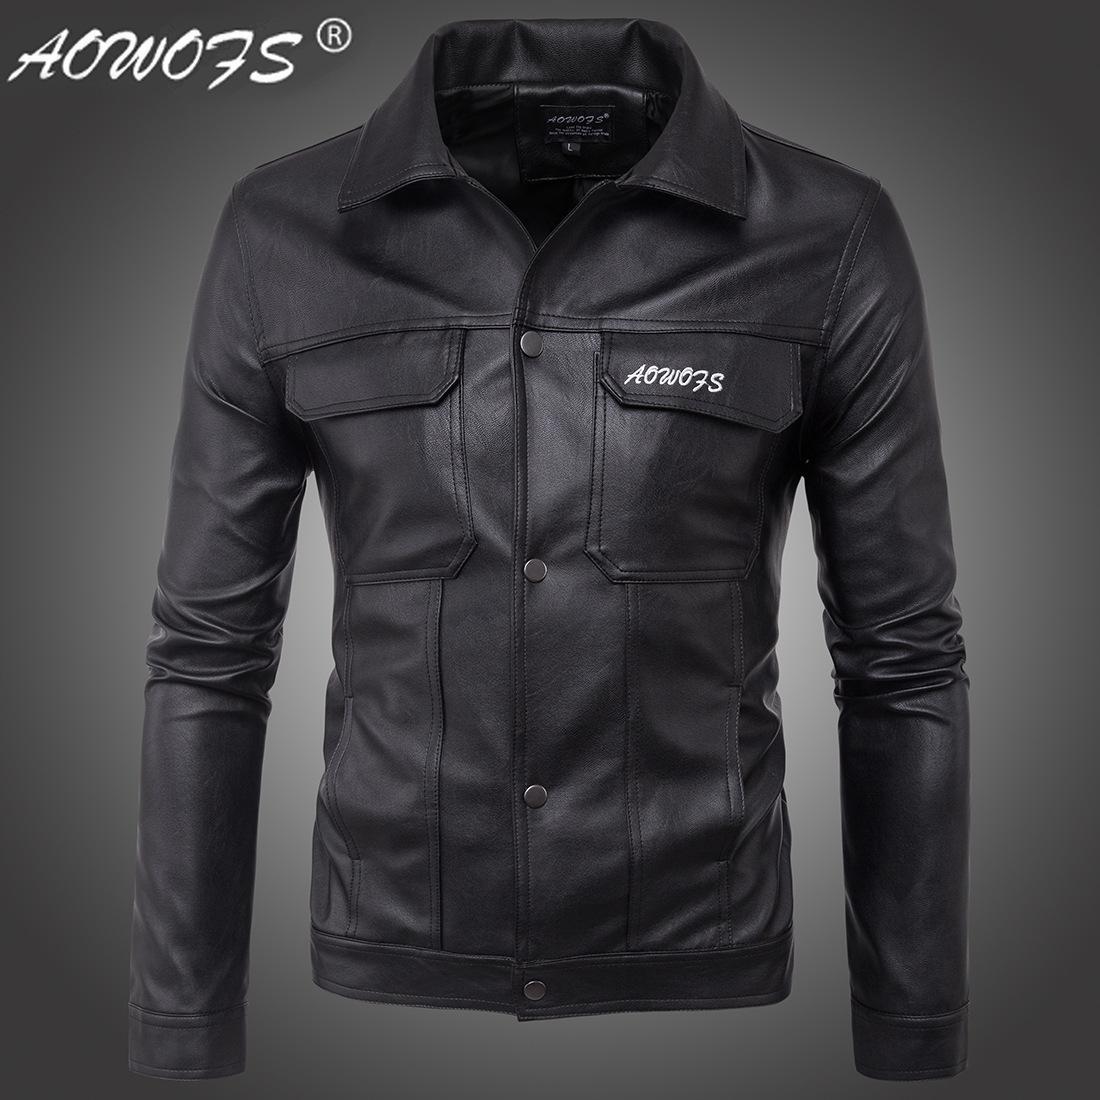 couro da motocicleta jaqueta de carta bordado D105 jaqueta de couro jaqueta de homens novos do porte Europeia